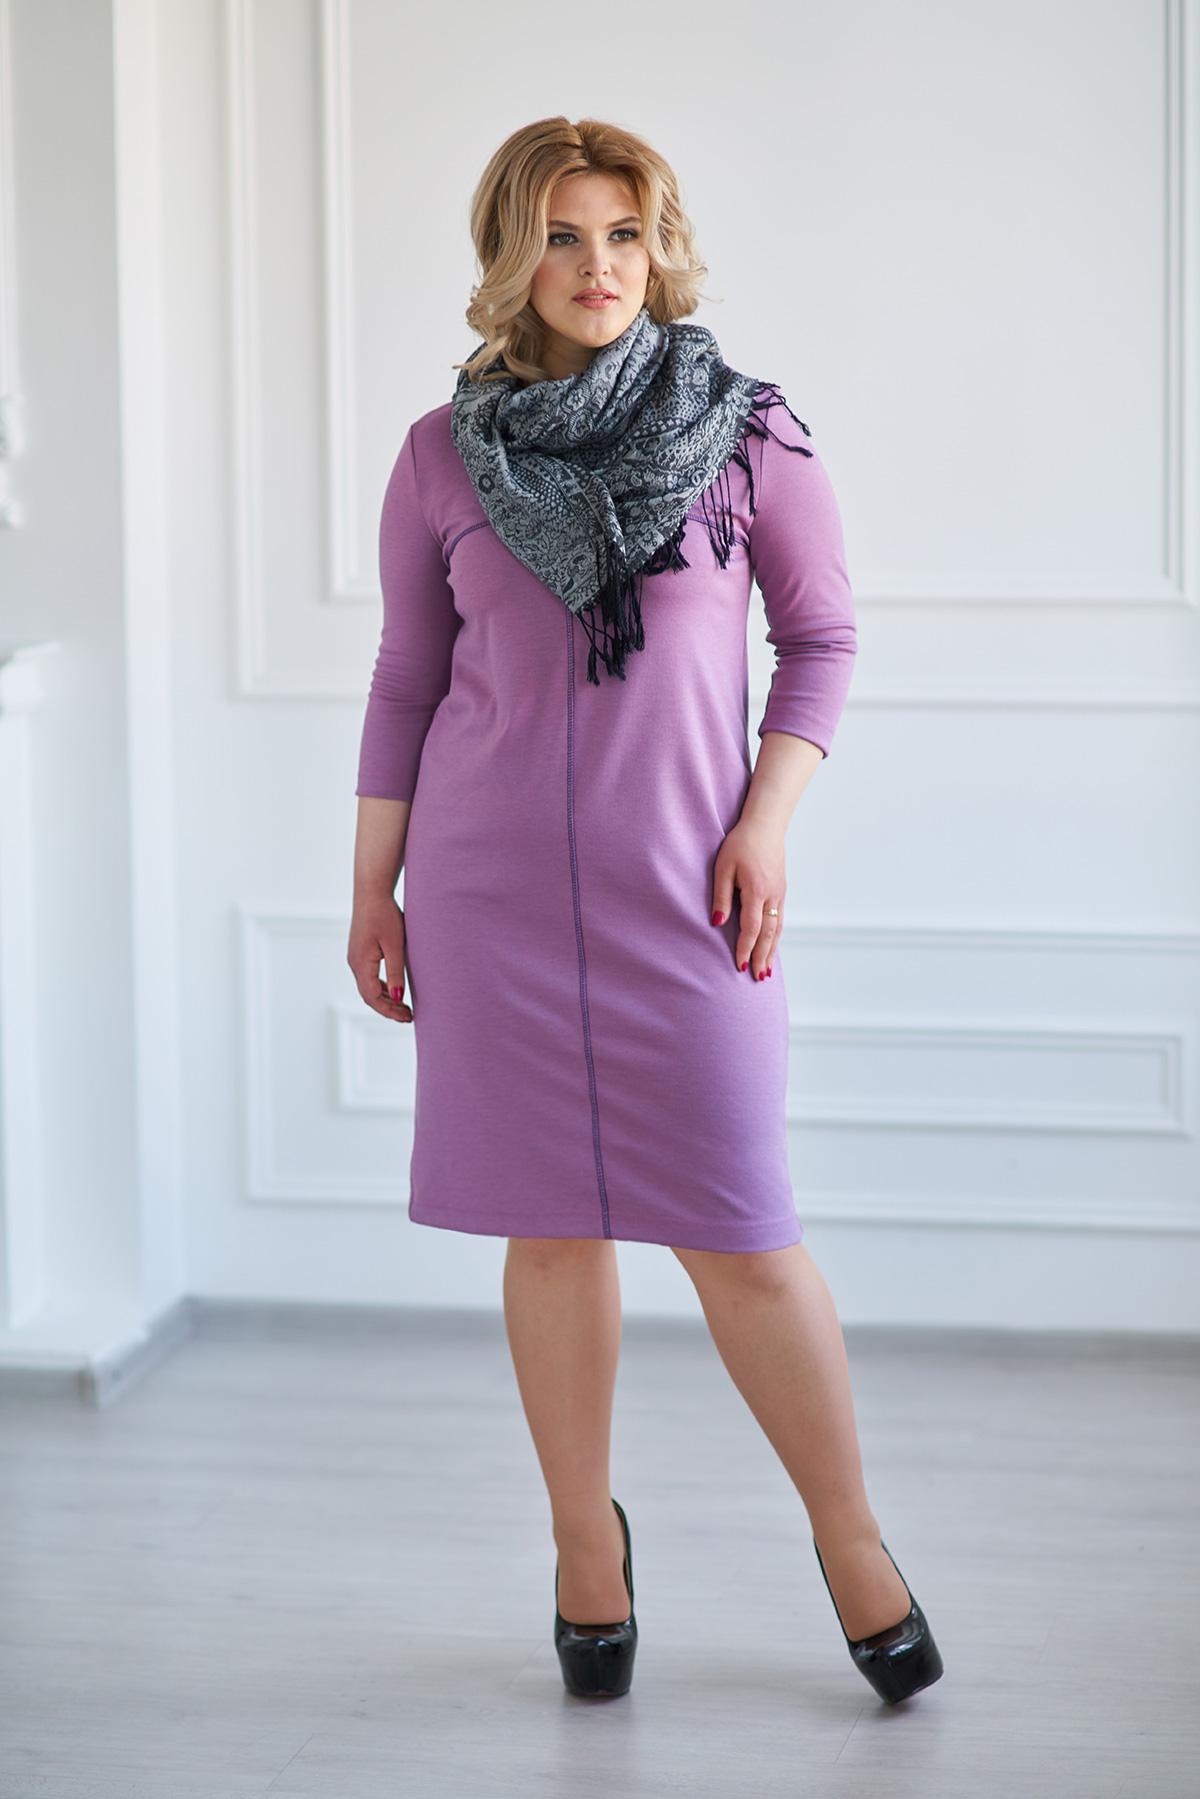 Жен. платье арт. 19-0025 Сиреневый р. 52Платья<br>Факт. ОГ: 104 см <br>Факт. ОТ: 106 см <br>Факт. ОБ: 110 см <br>Длина по спинке: 98 см<br><br>Тип: Жен. платье<br>Размер: 52<br>Материал: Милано